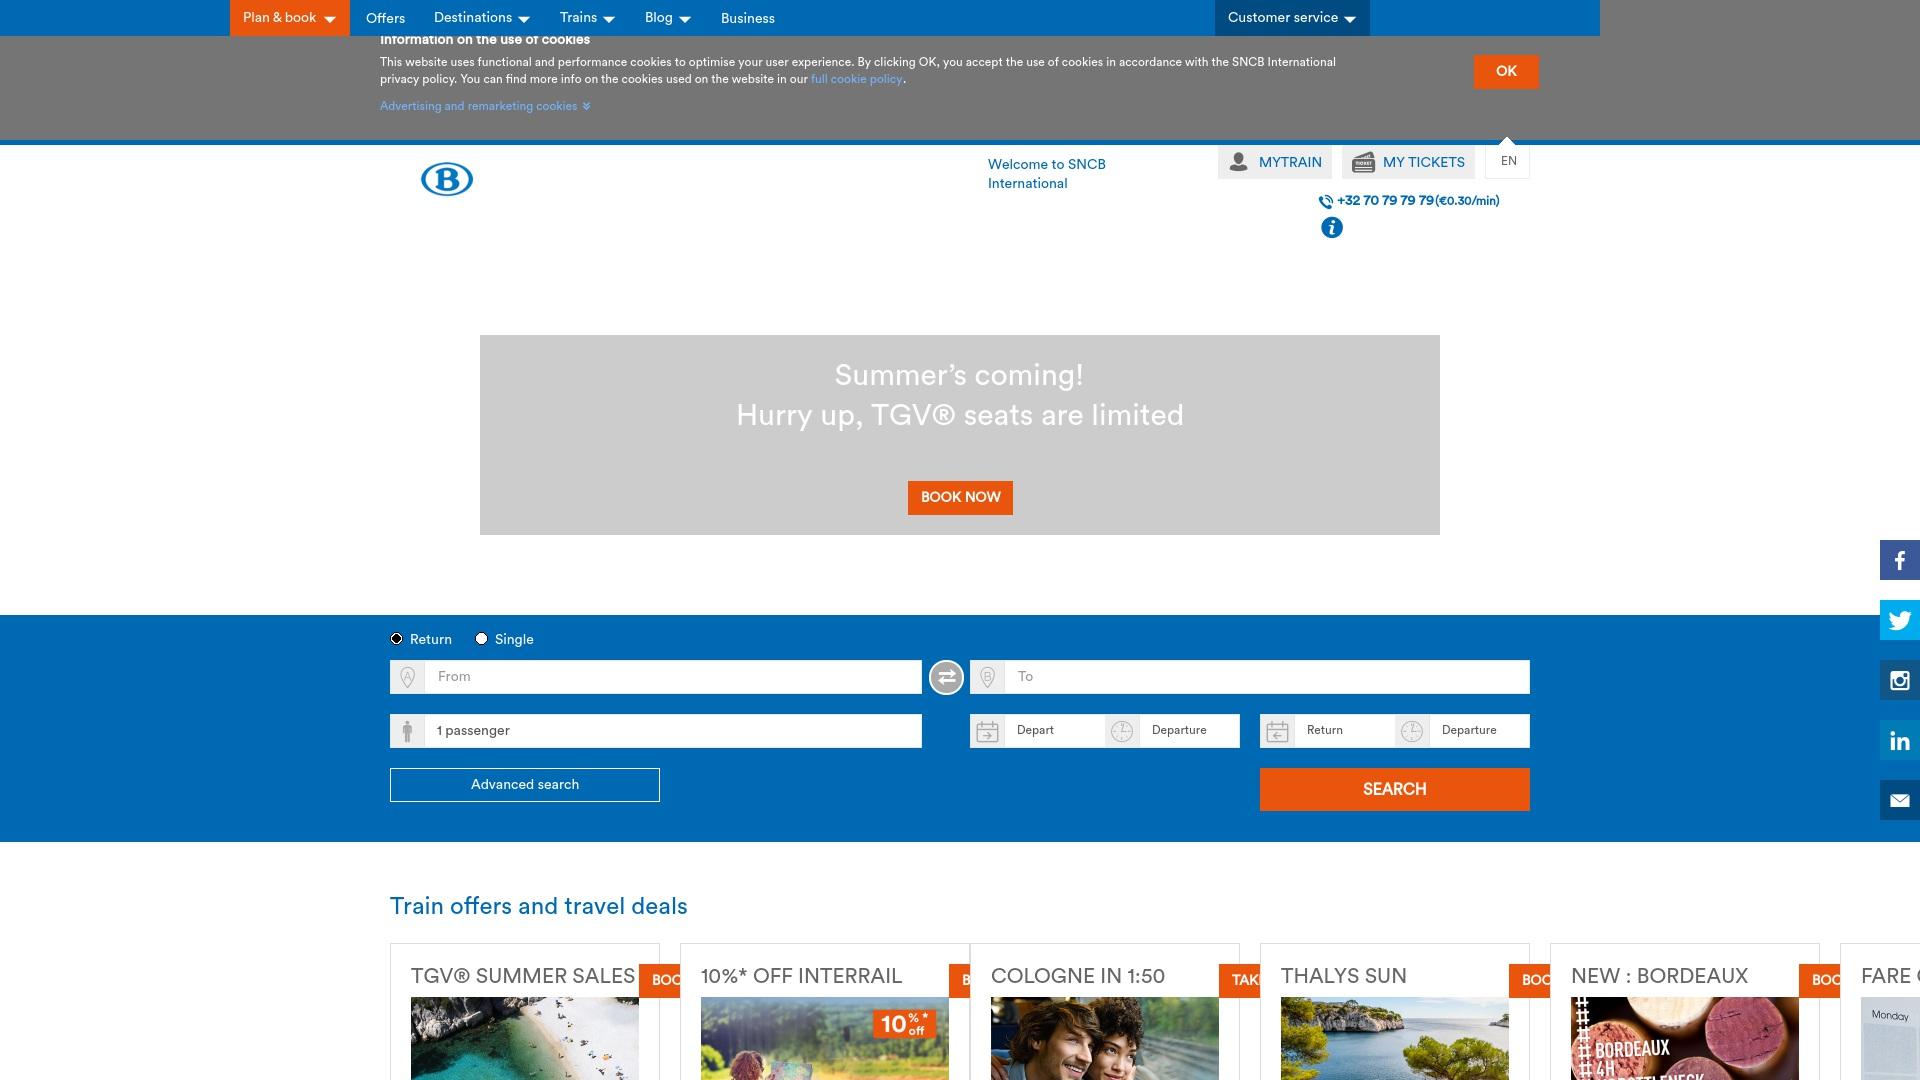 Gutschein für B-europe: Rabatte für  B-europe sichern